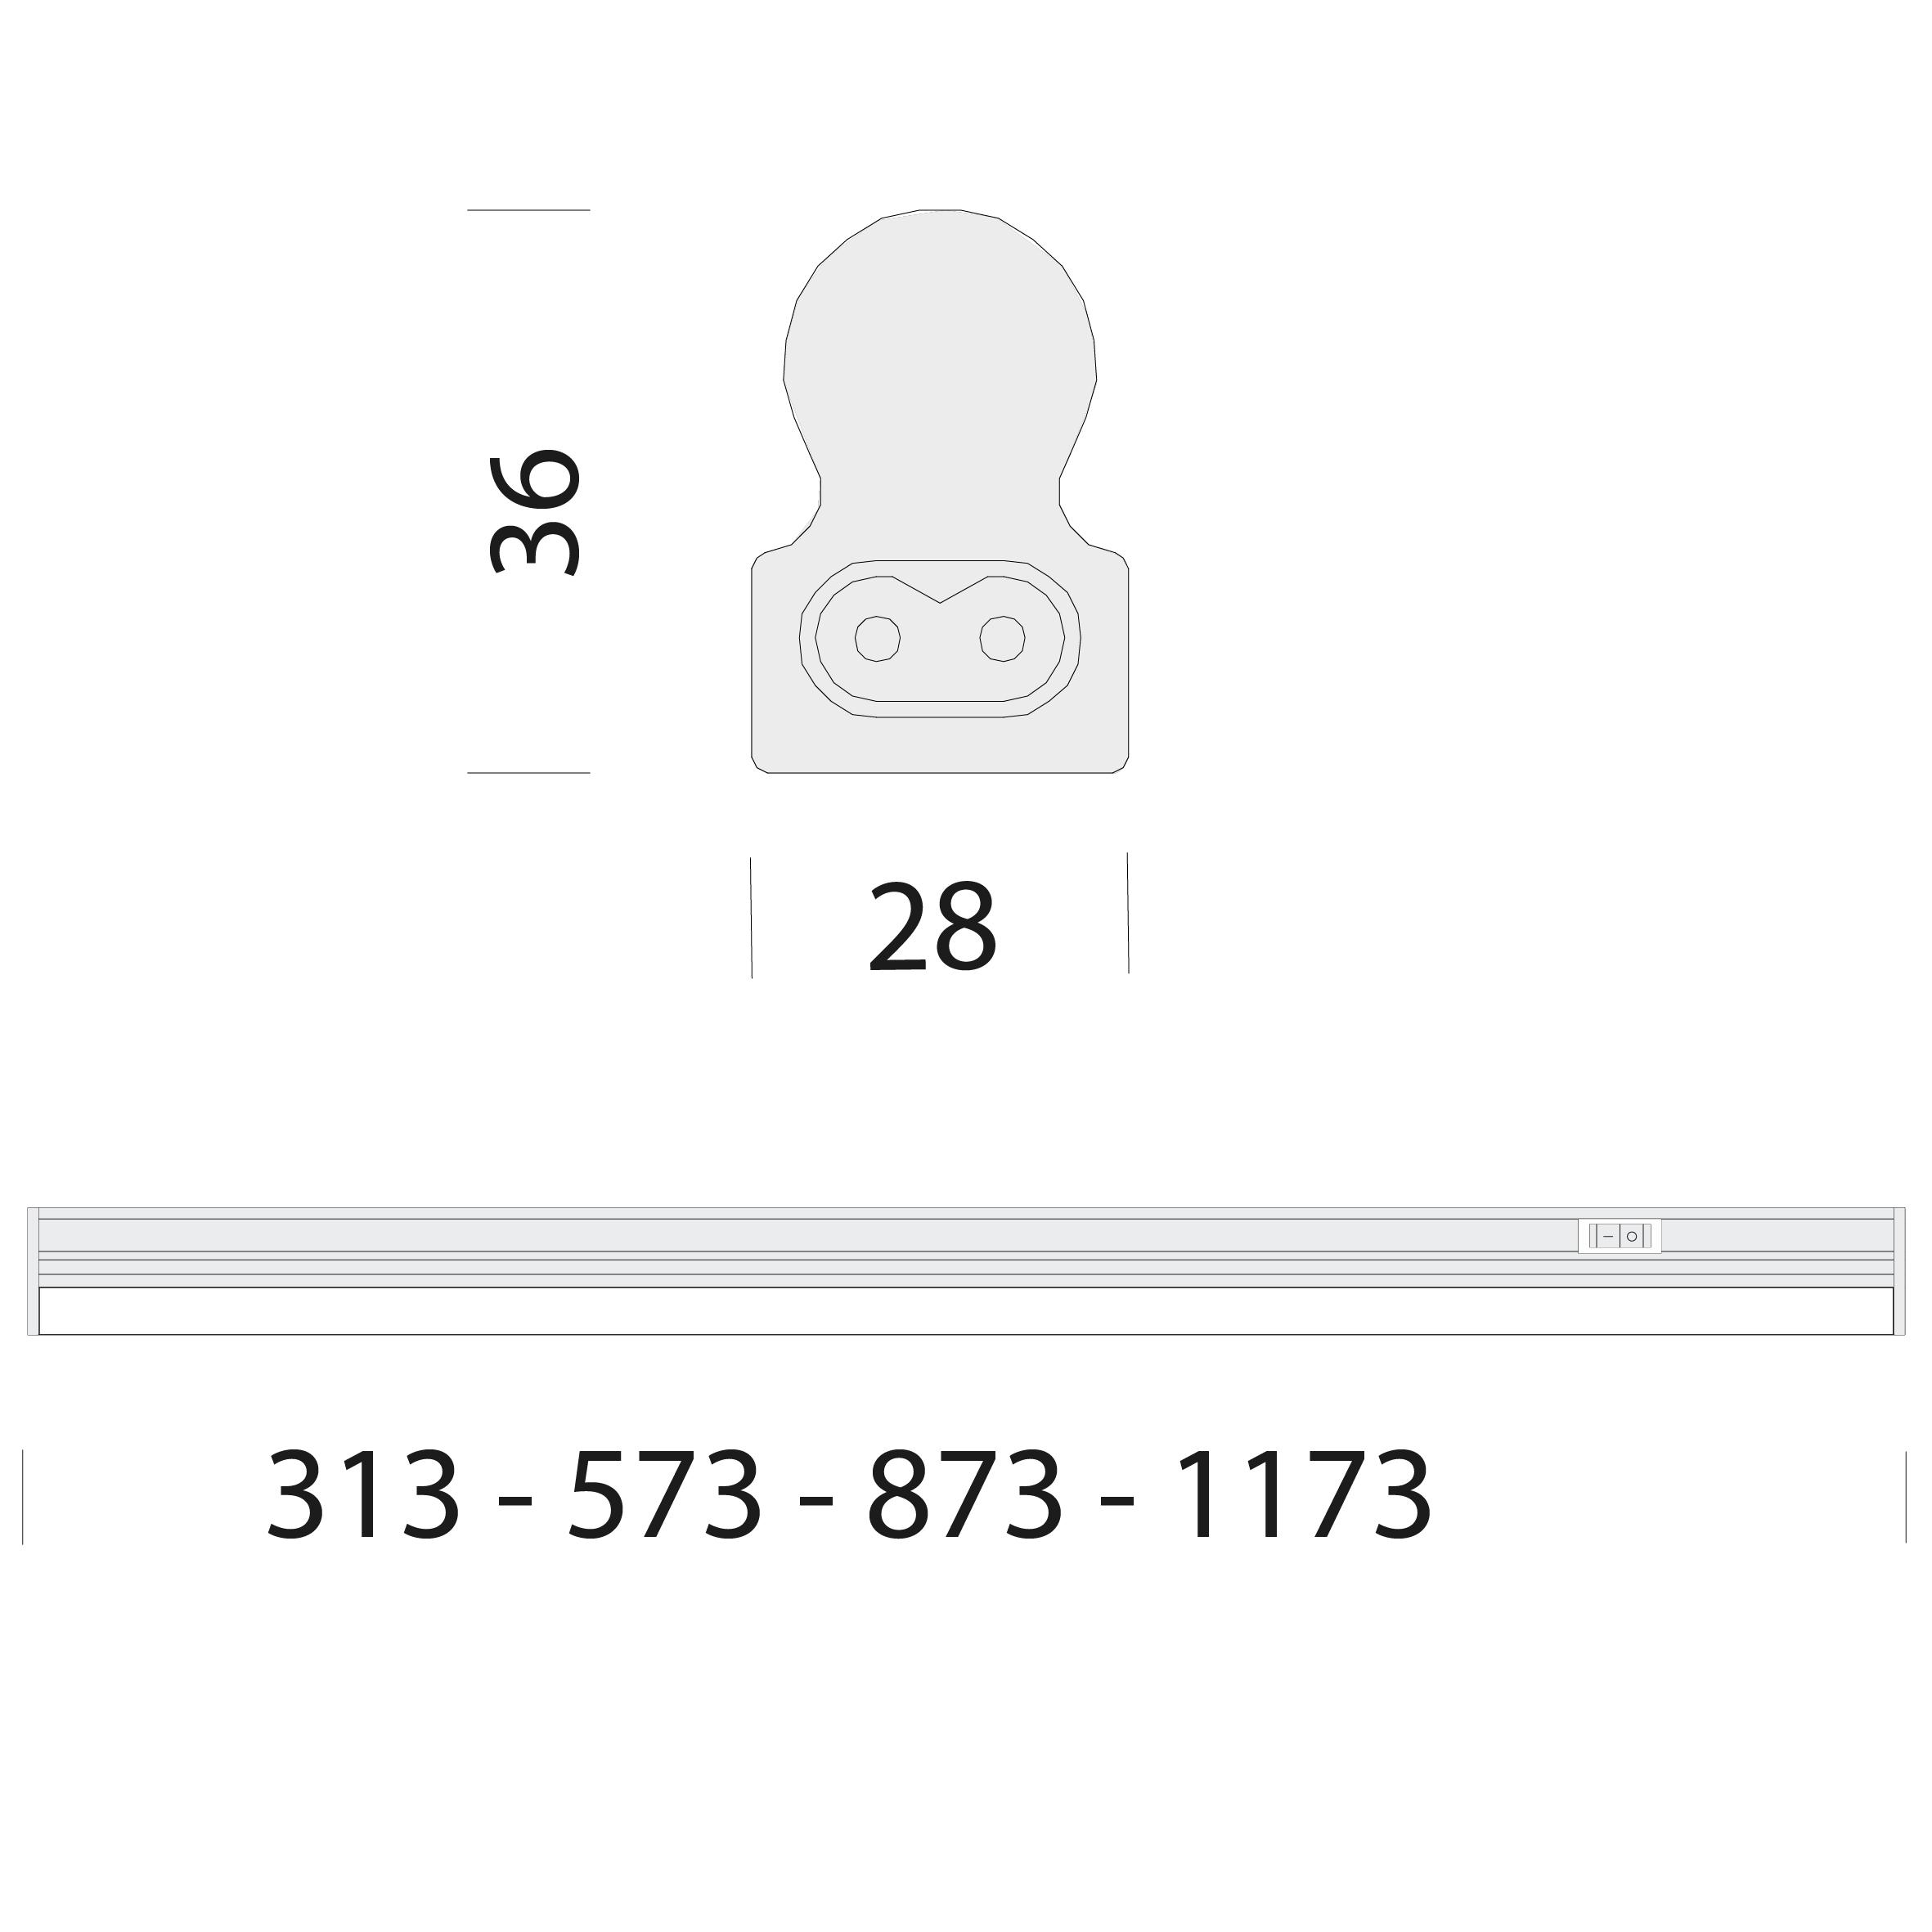 c218a335ae584ba5aed9929550586e7b_borealed